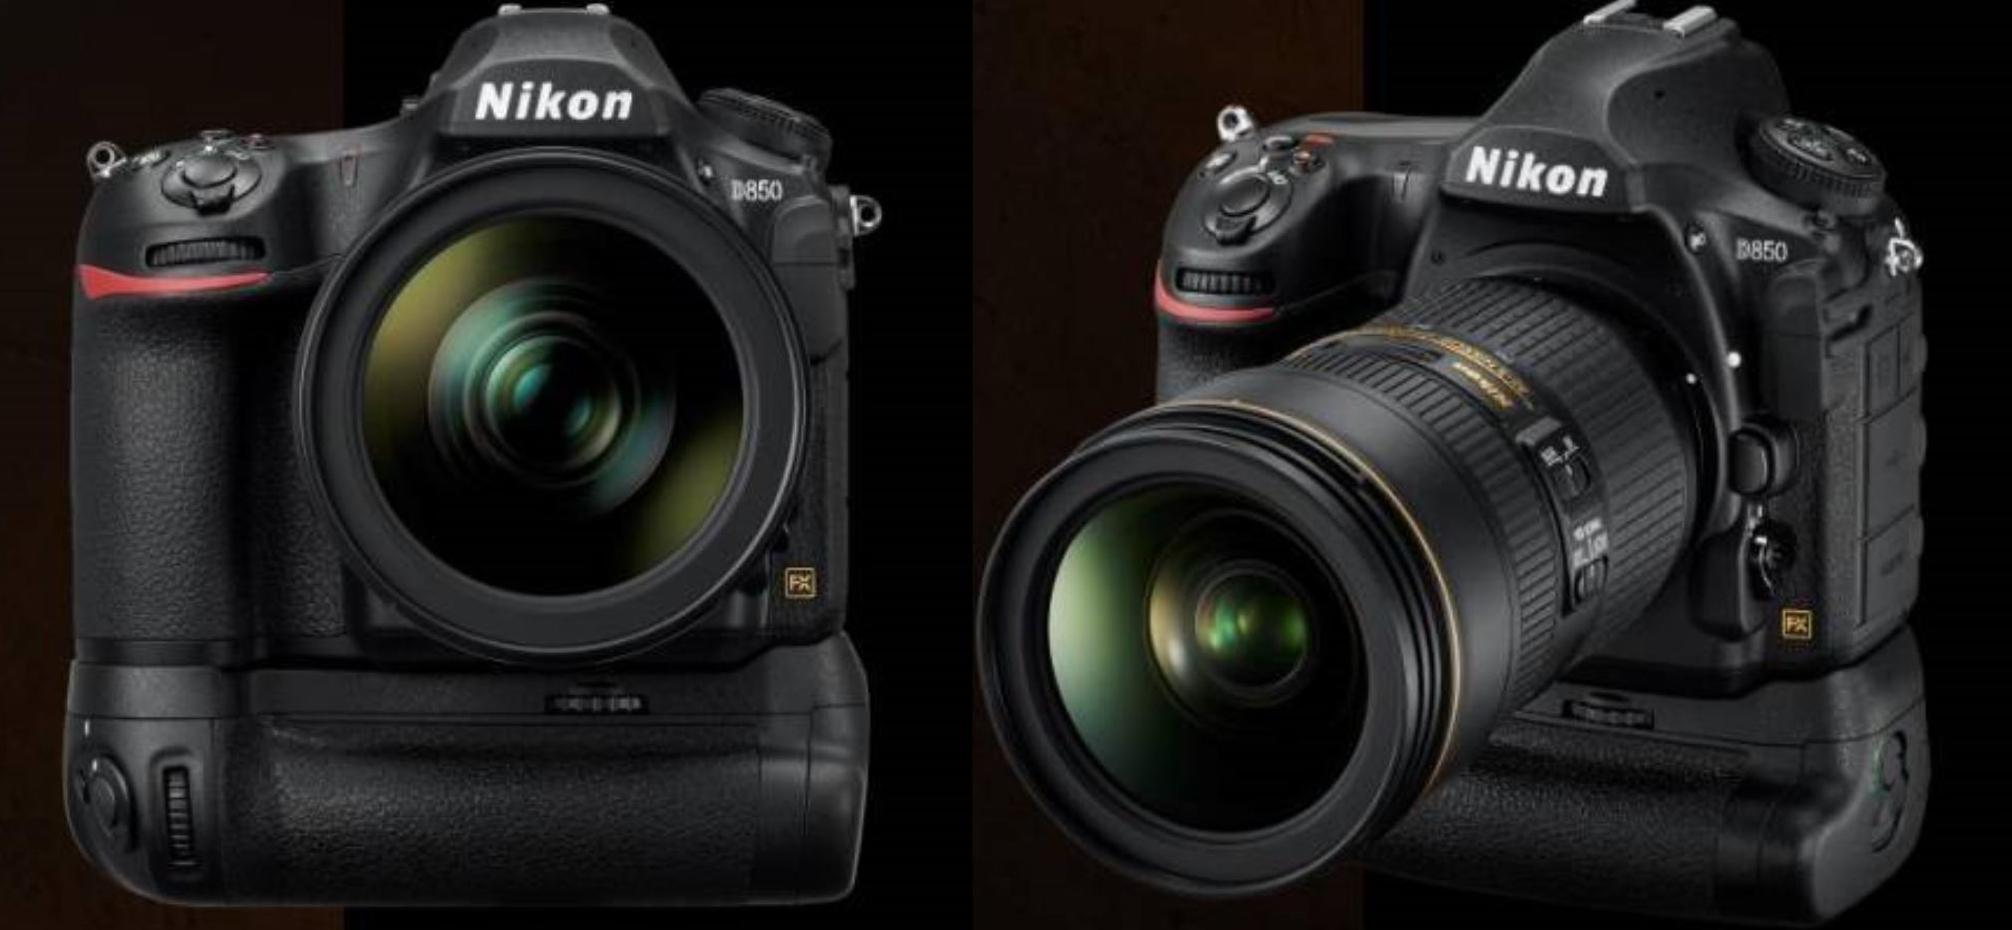 Nikon D850 – Page 2 – Camera News at Cameraegg